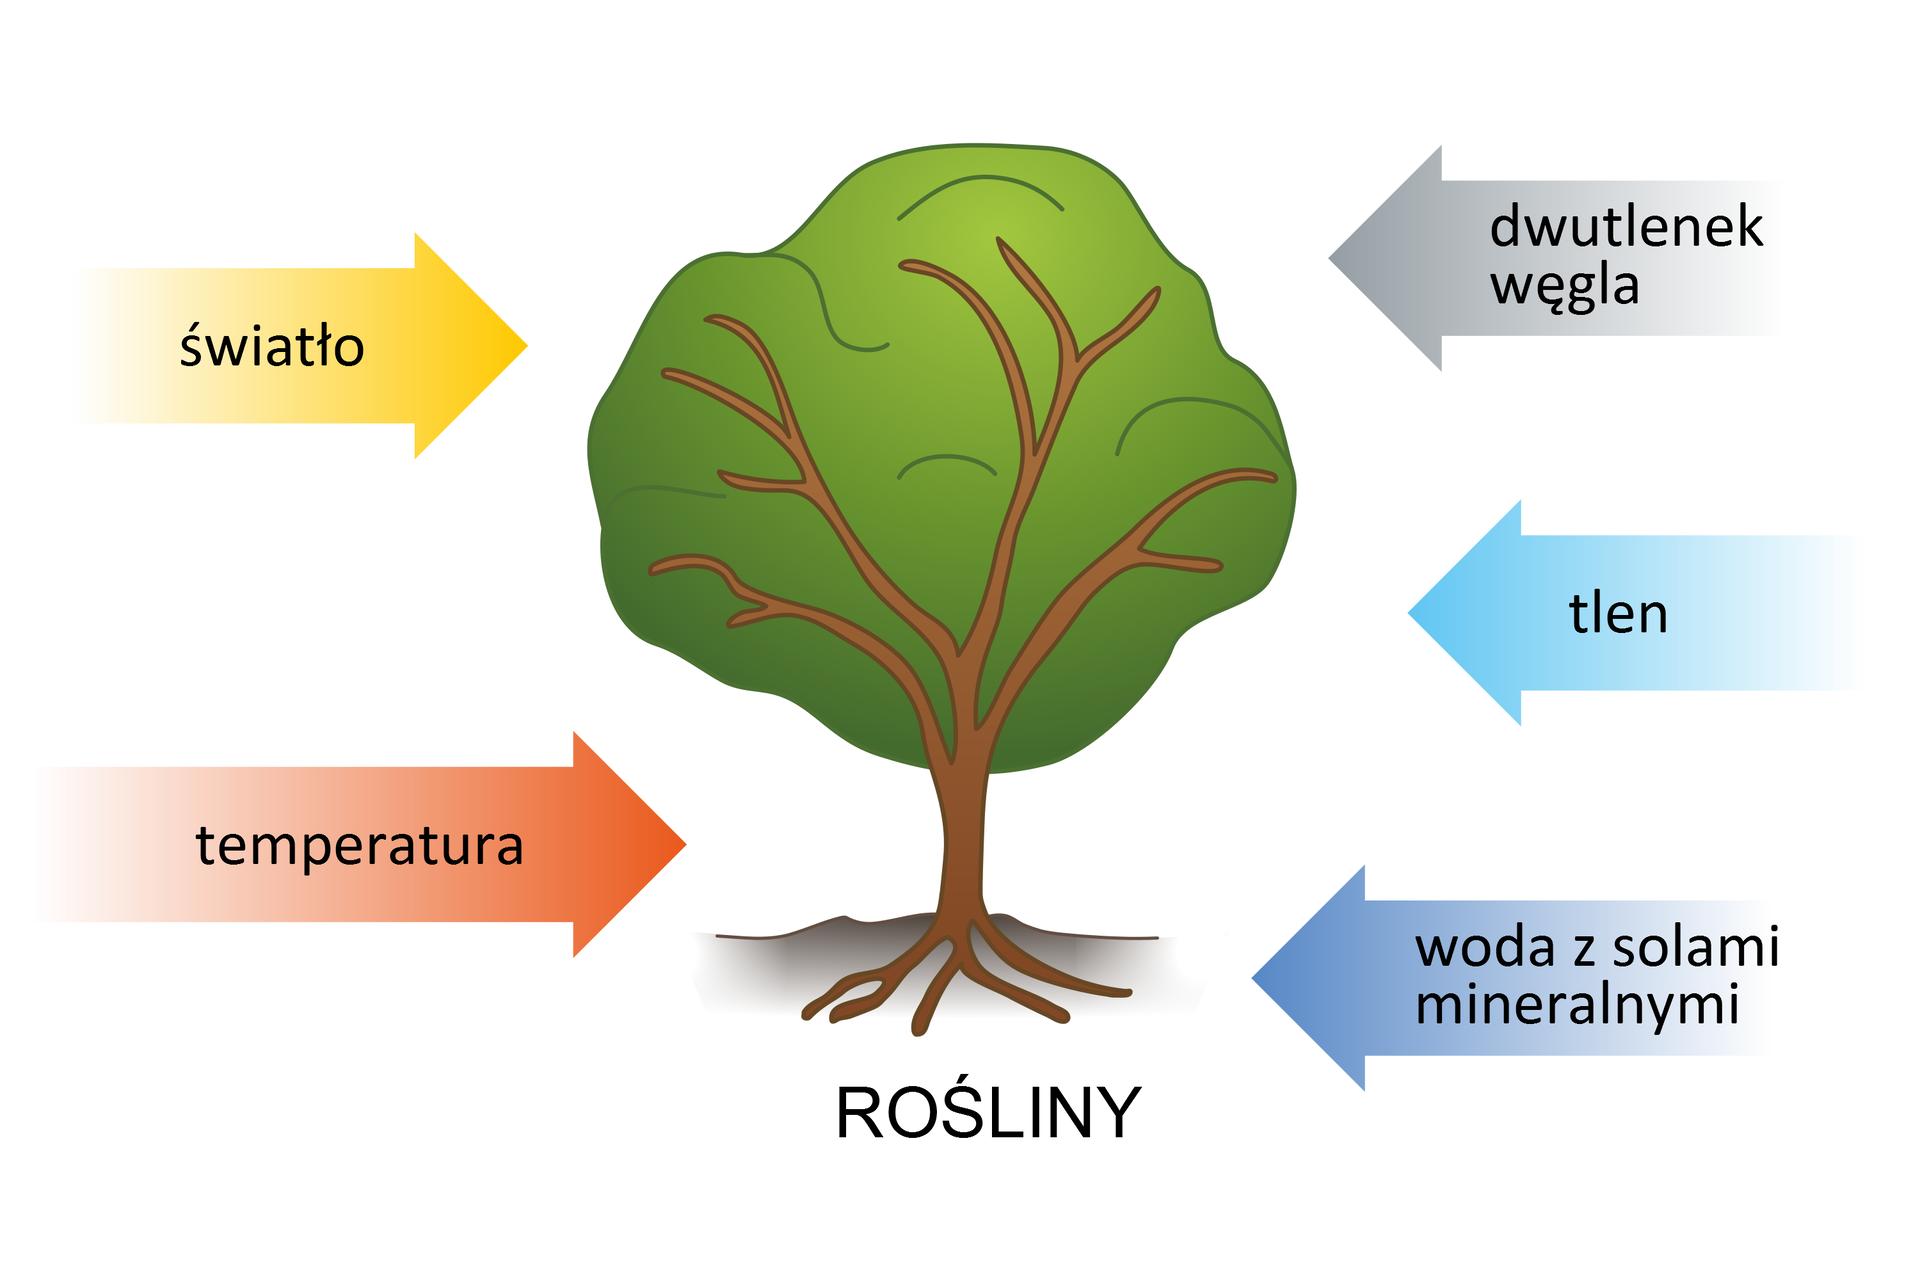 Ilustracja przedstawiająca potrzeby życiowe roślin: światło, dwutlenek węgla, tlen, woda zsolami mineralnymi itemperatura.